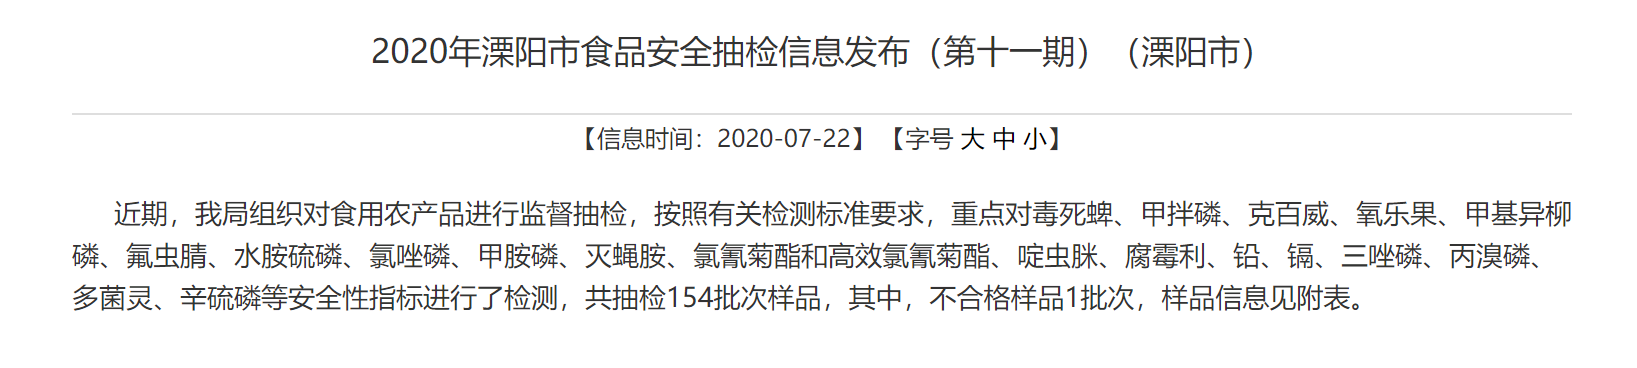 江苏省溧阳市市场监管局:1批次食品抽检不合格